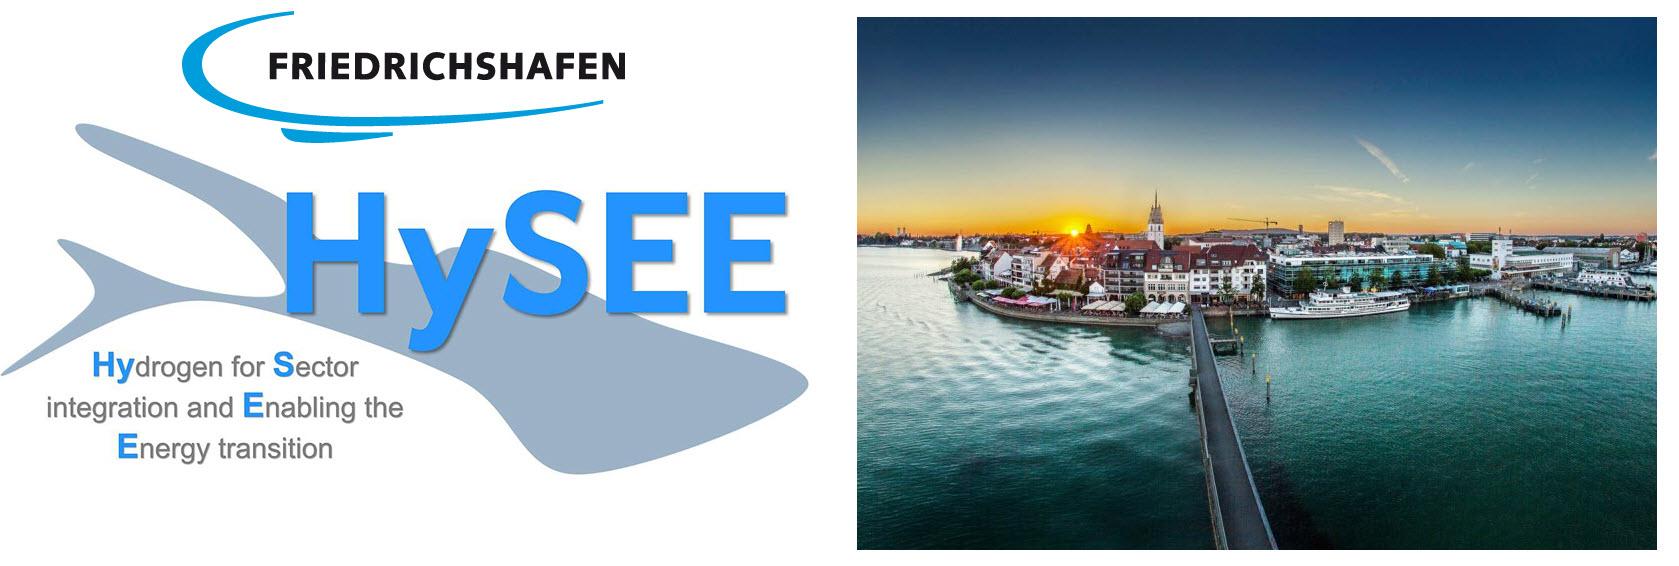 HySee Logo